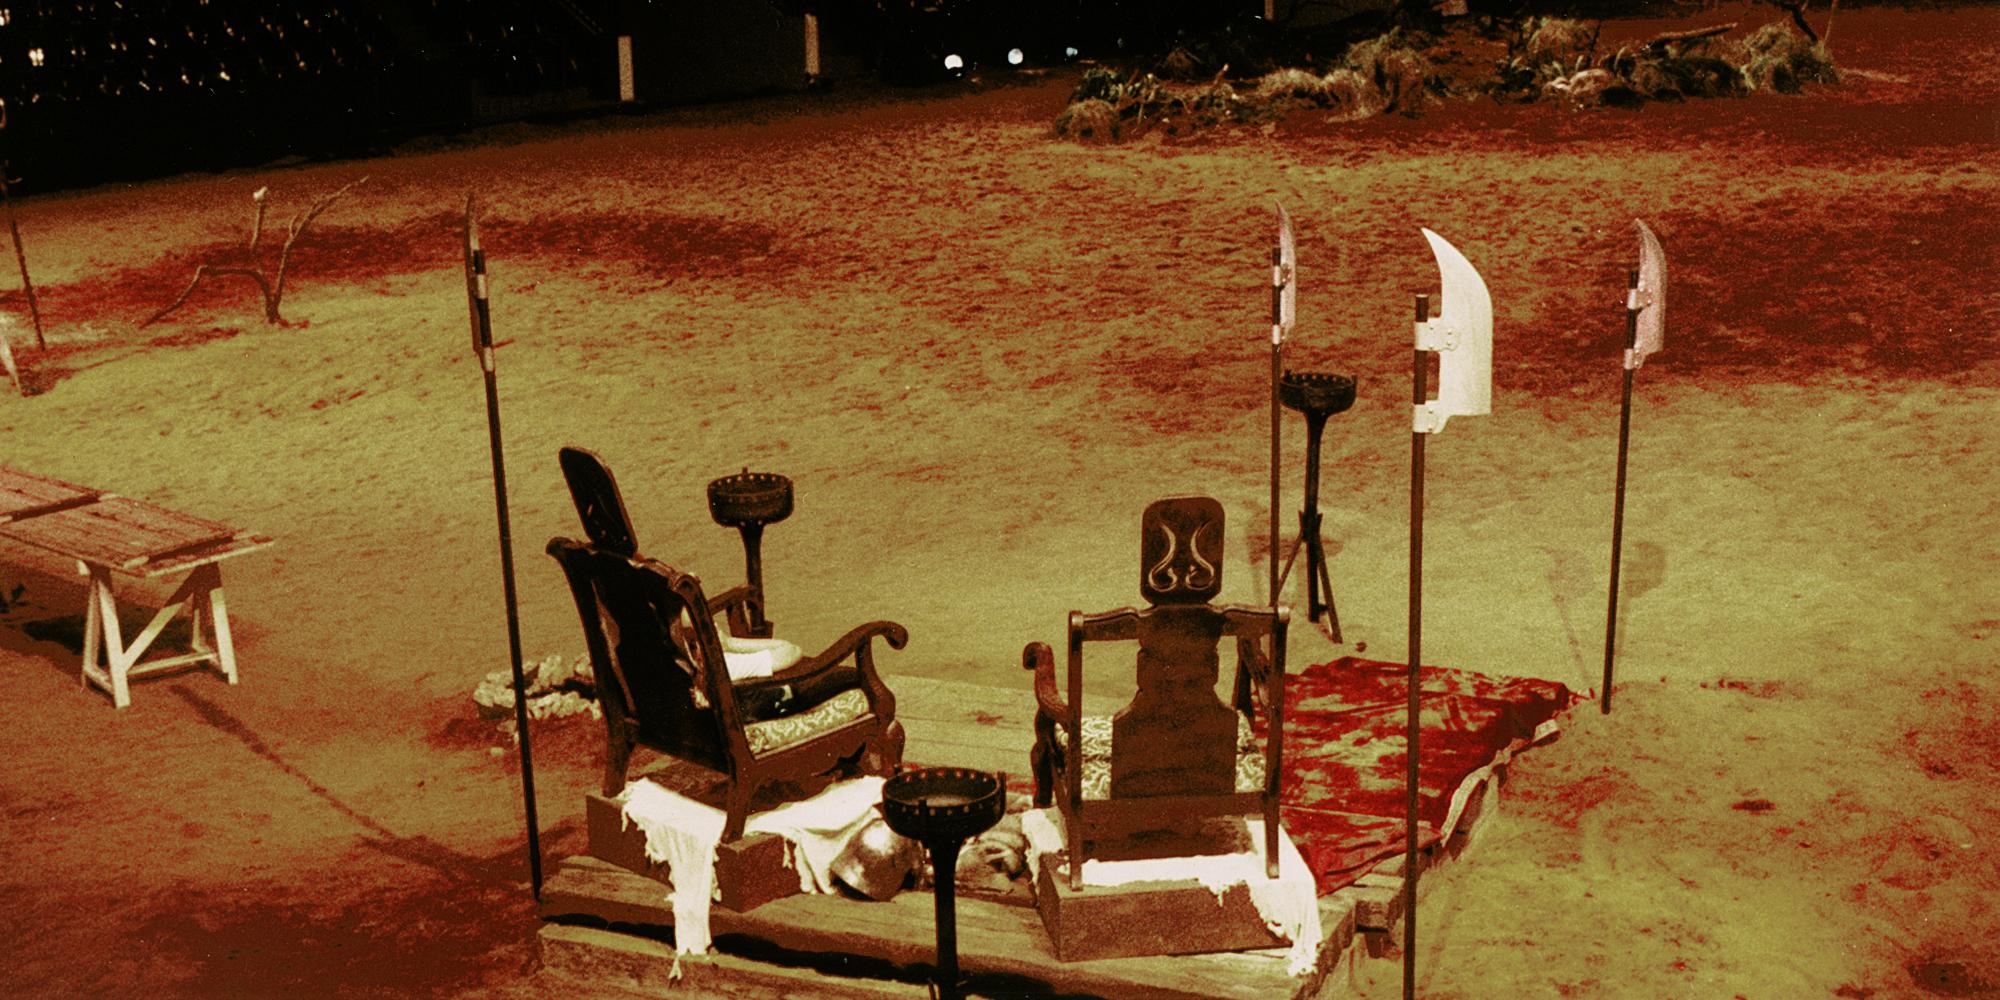 création de décor avec deux fauteuils comme des trônes et accessoires armes en bois patine métal pour spectacle de scène